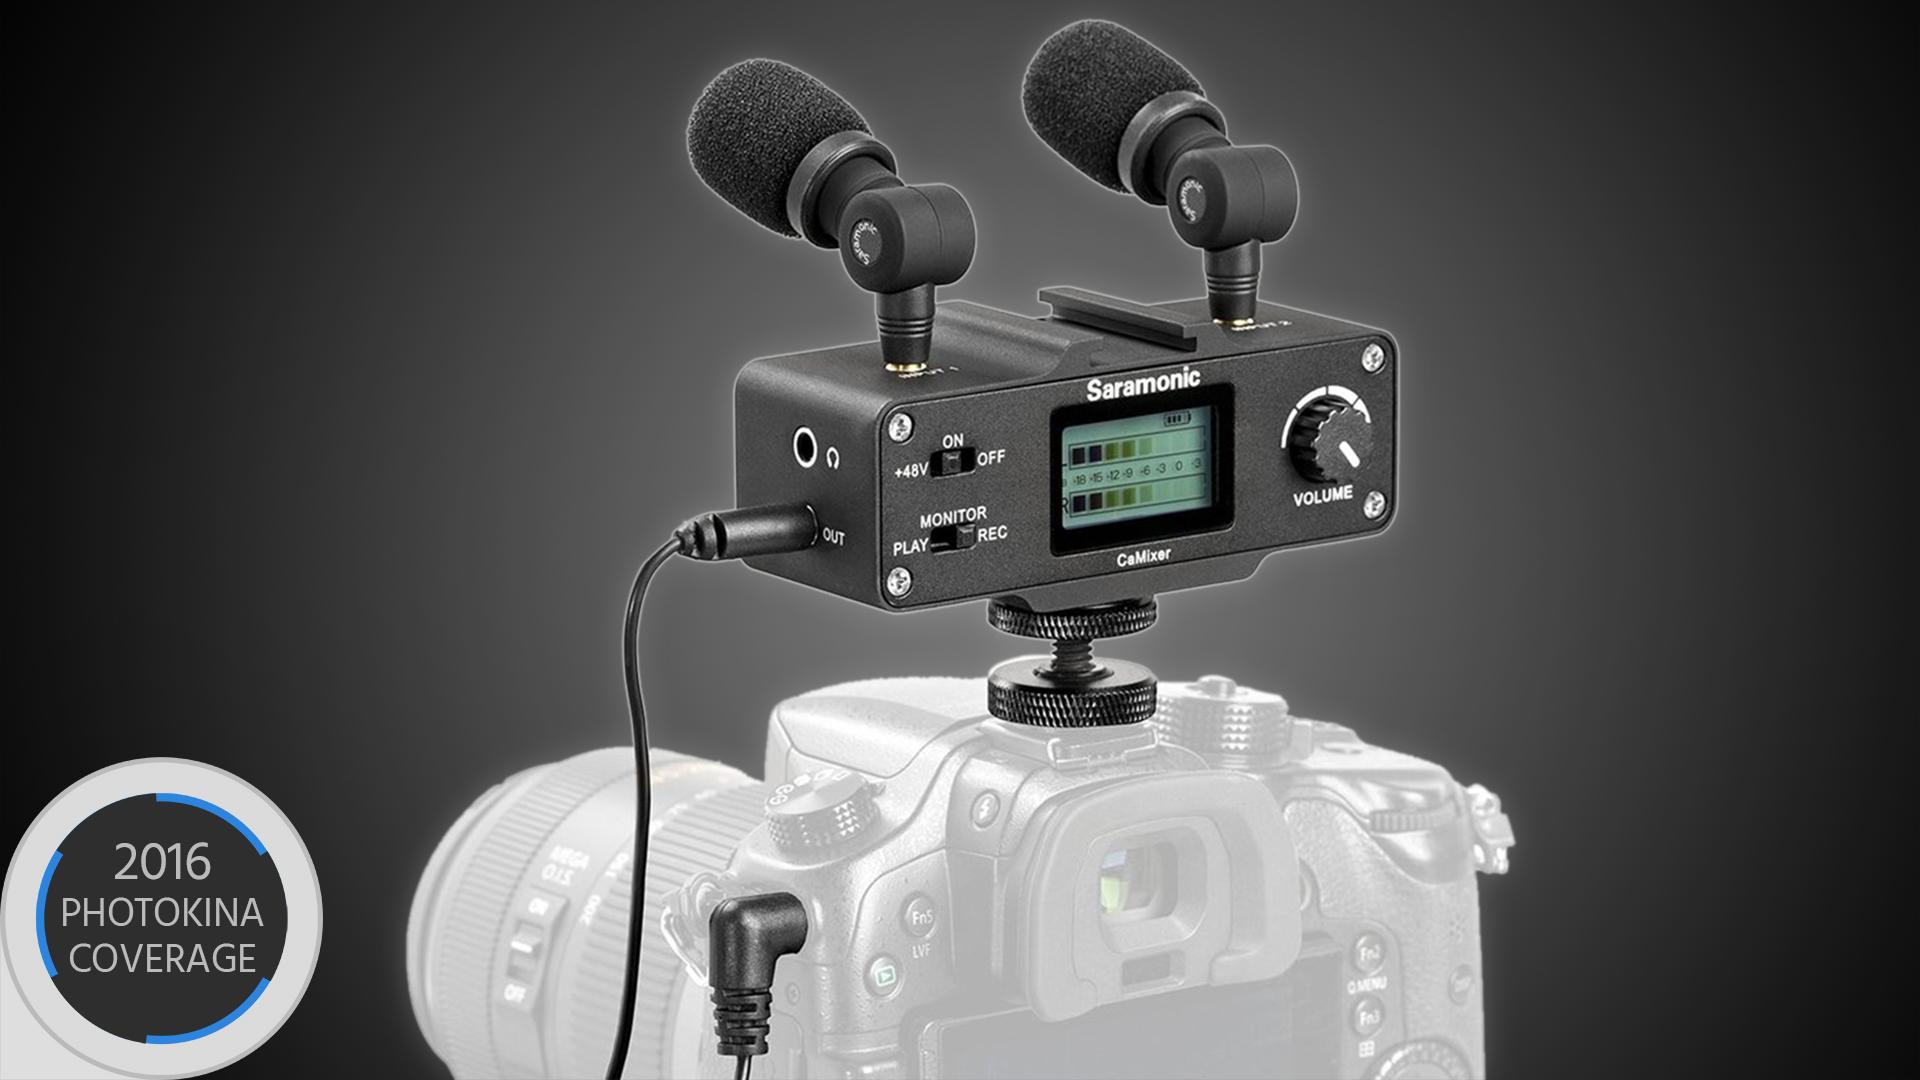 Saramonic CaMixer — ヘッドフォンジャックの無いカメラ用小型マイクミキサー